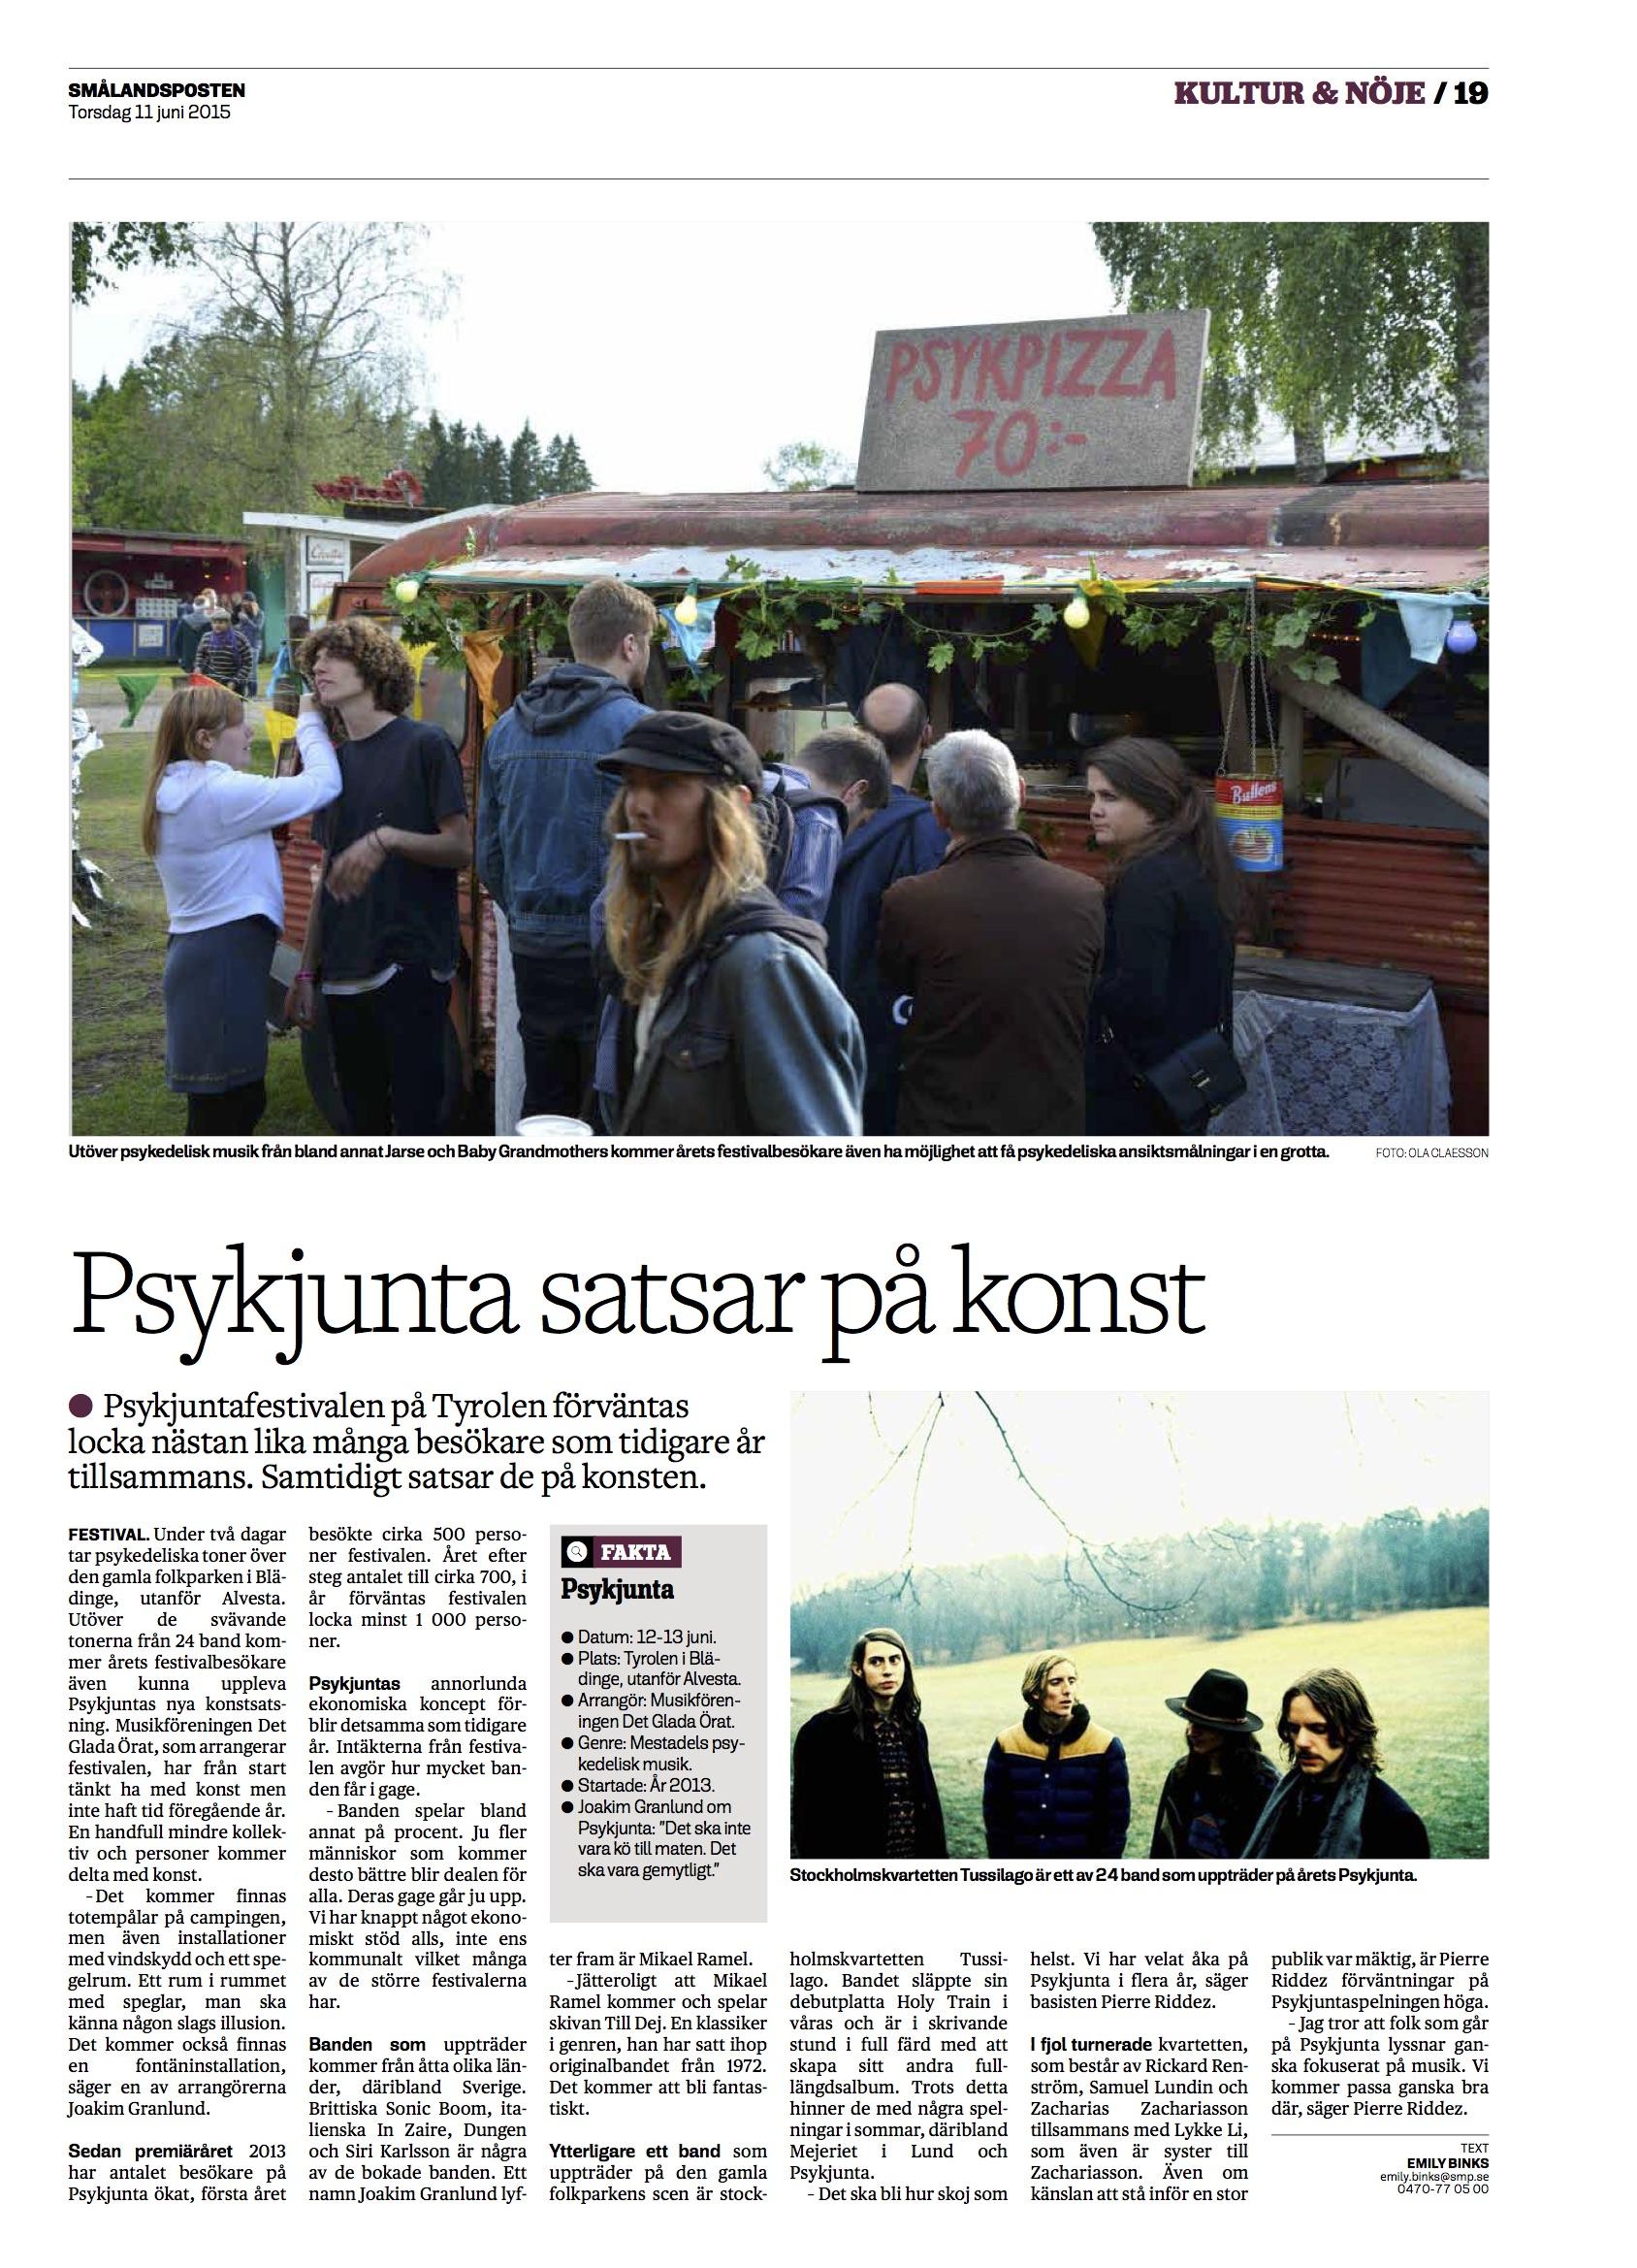 Smålandsposten - Psykjunta_Tussilago.jpg